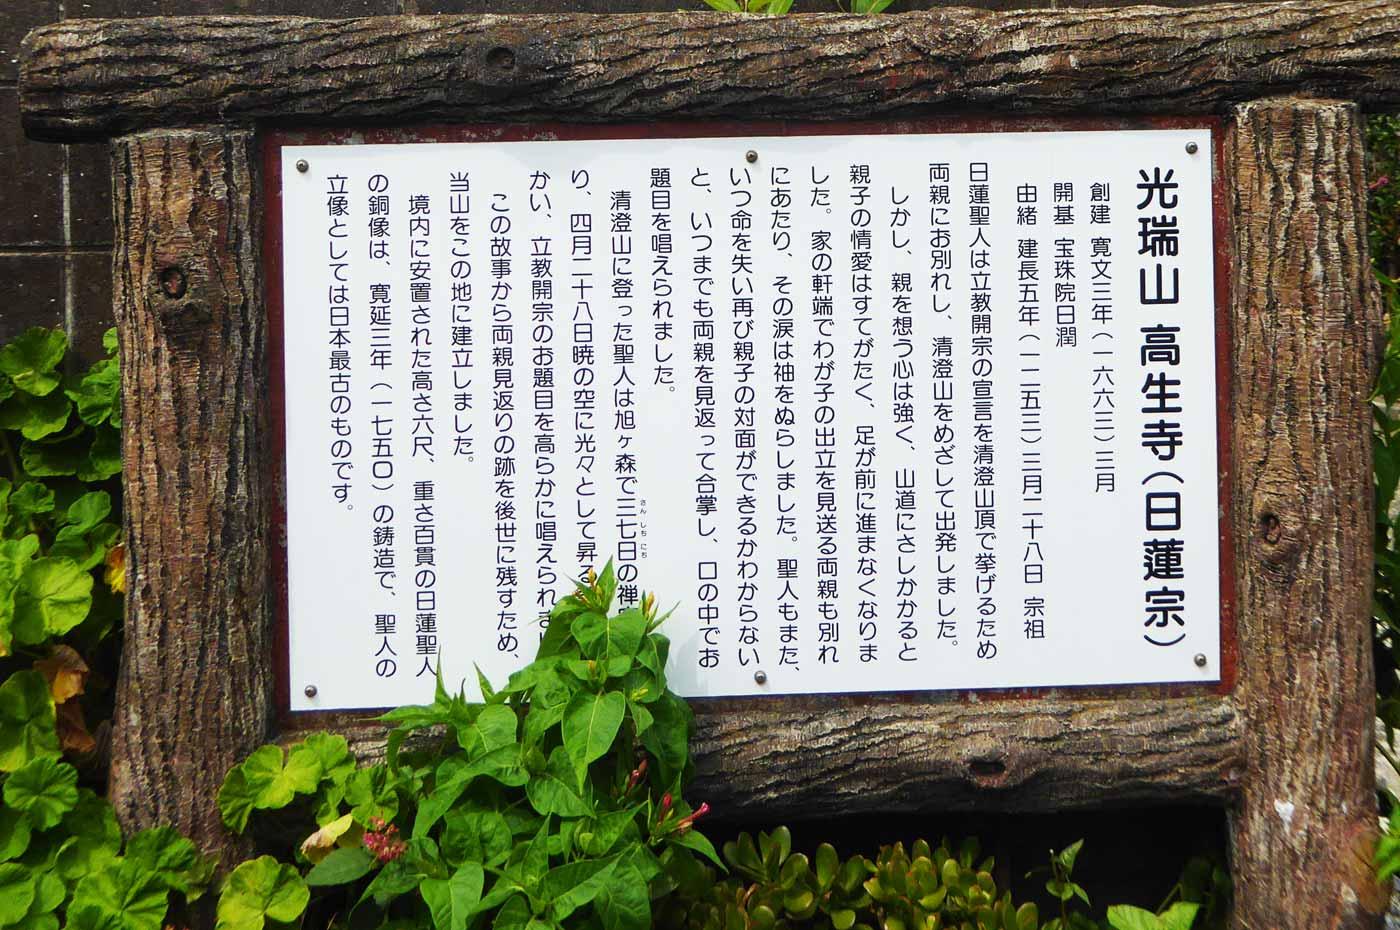 高生寺の案内板の画像